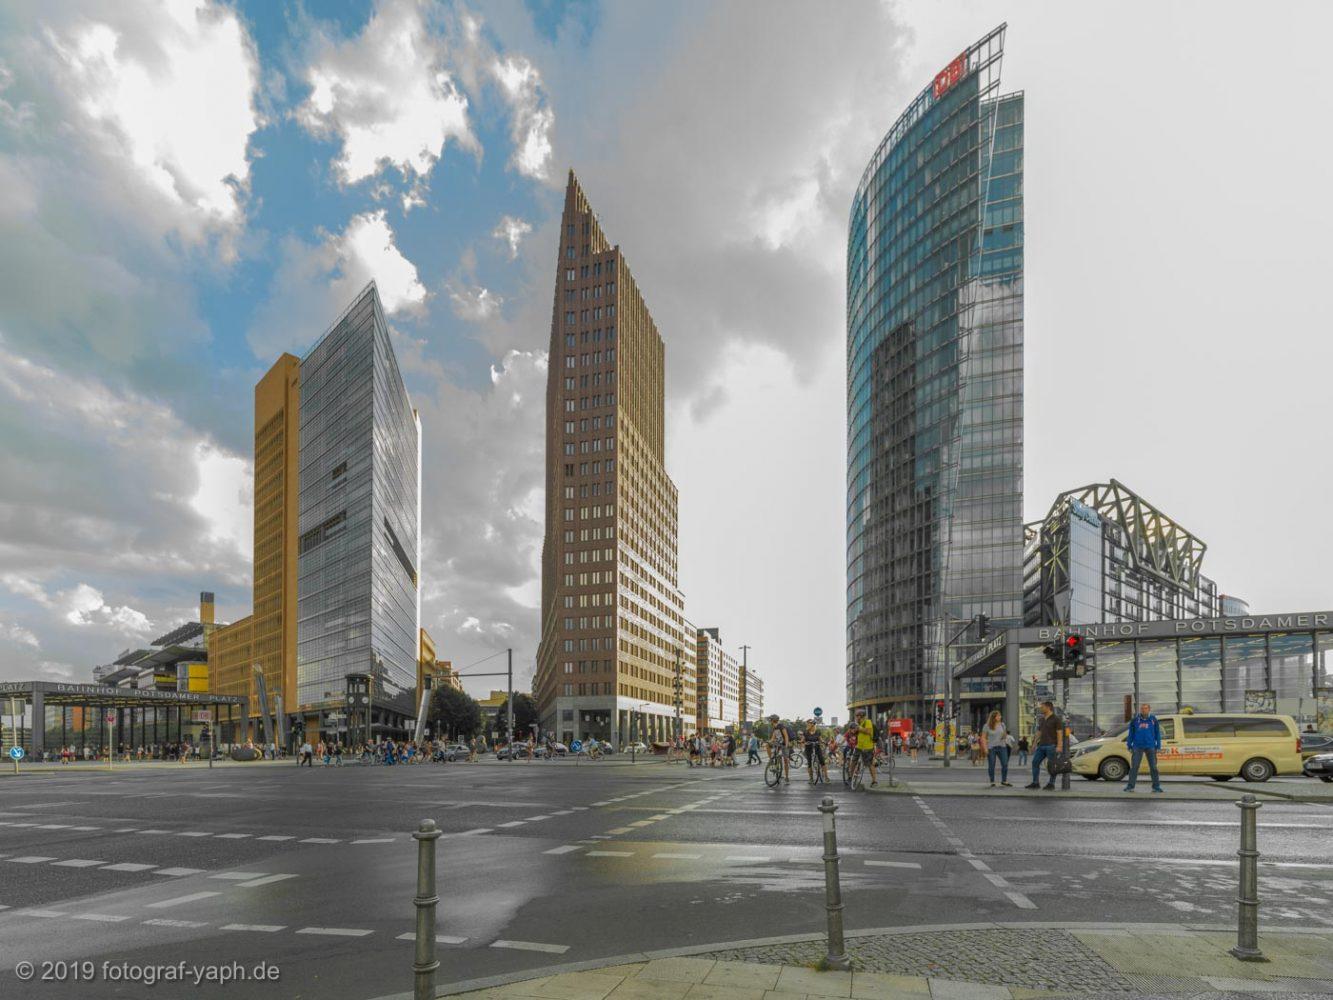 Die Gebäude wie das Sony Center in Berlin am Potsdamer Platz beeindrucken mit ihrer postmodernen Architektur und wirken in der Interpretation von Architekturfotograf Yaph wie Rasierklingen im Berliner Himmel.